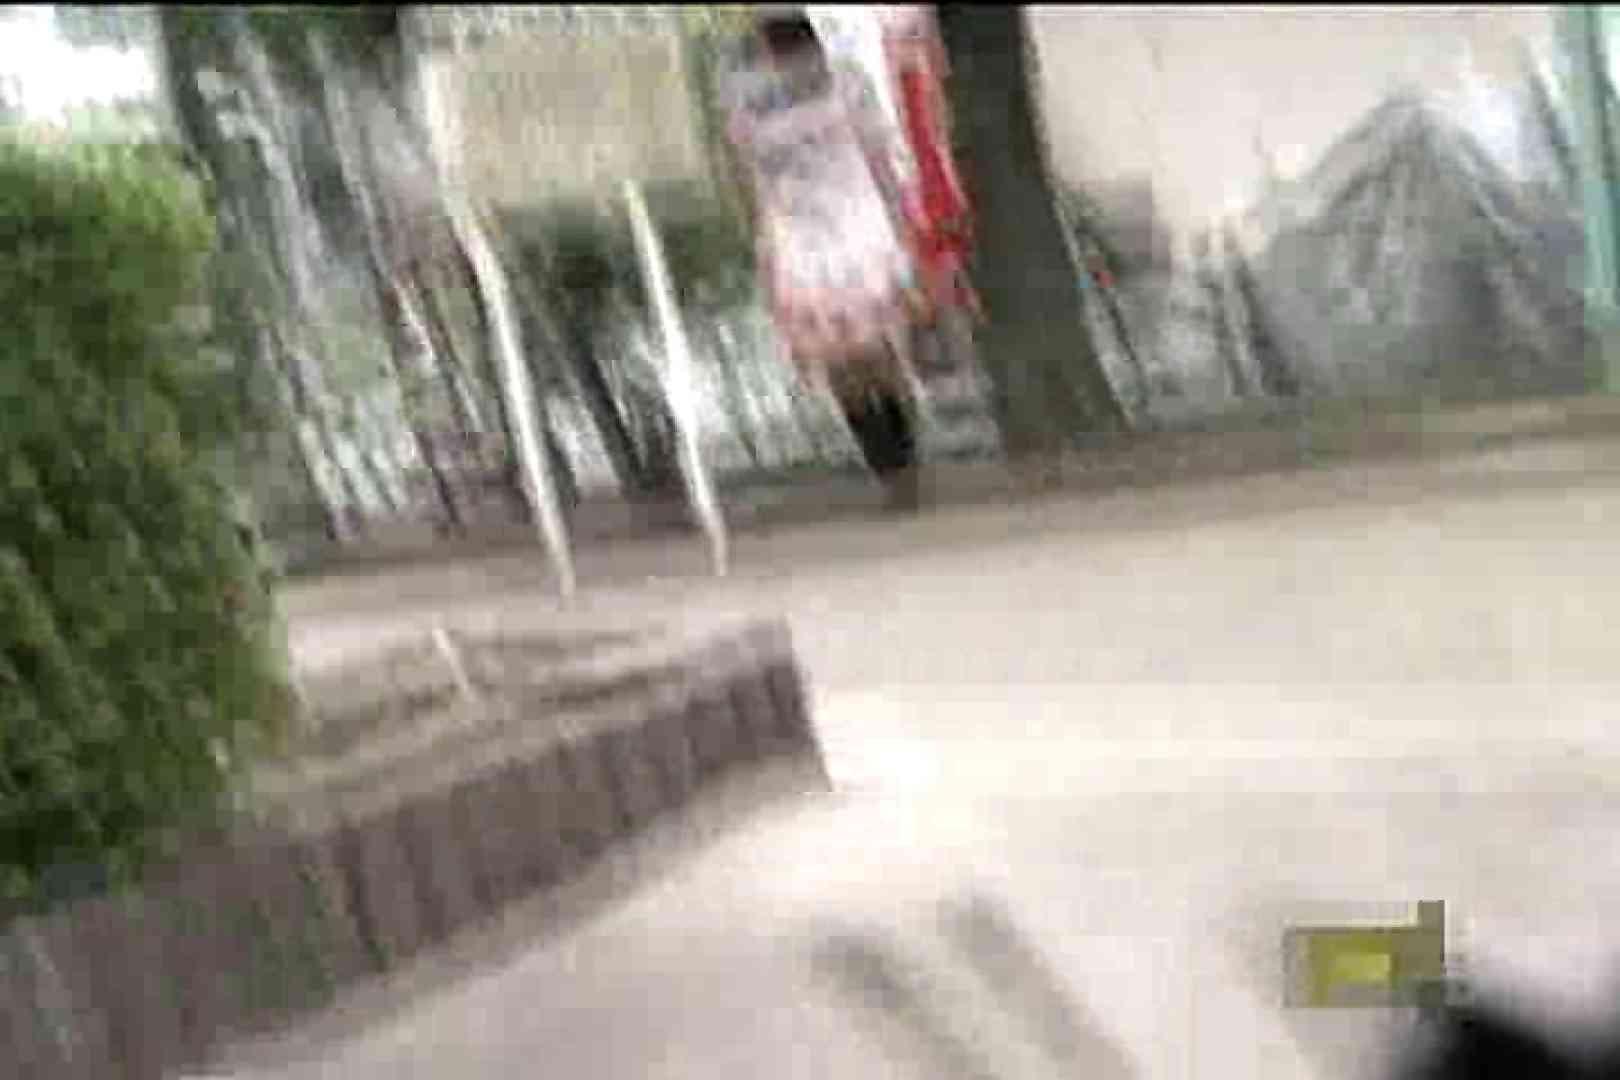 マンチラインパクトVol.11 ギャルヌード おめこ無修正動画無料 103画像 66